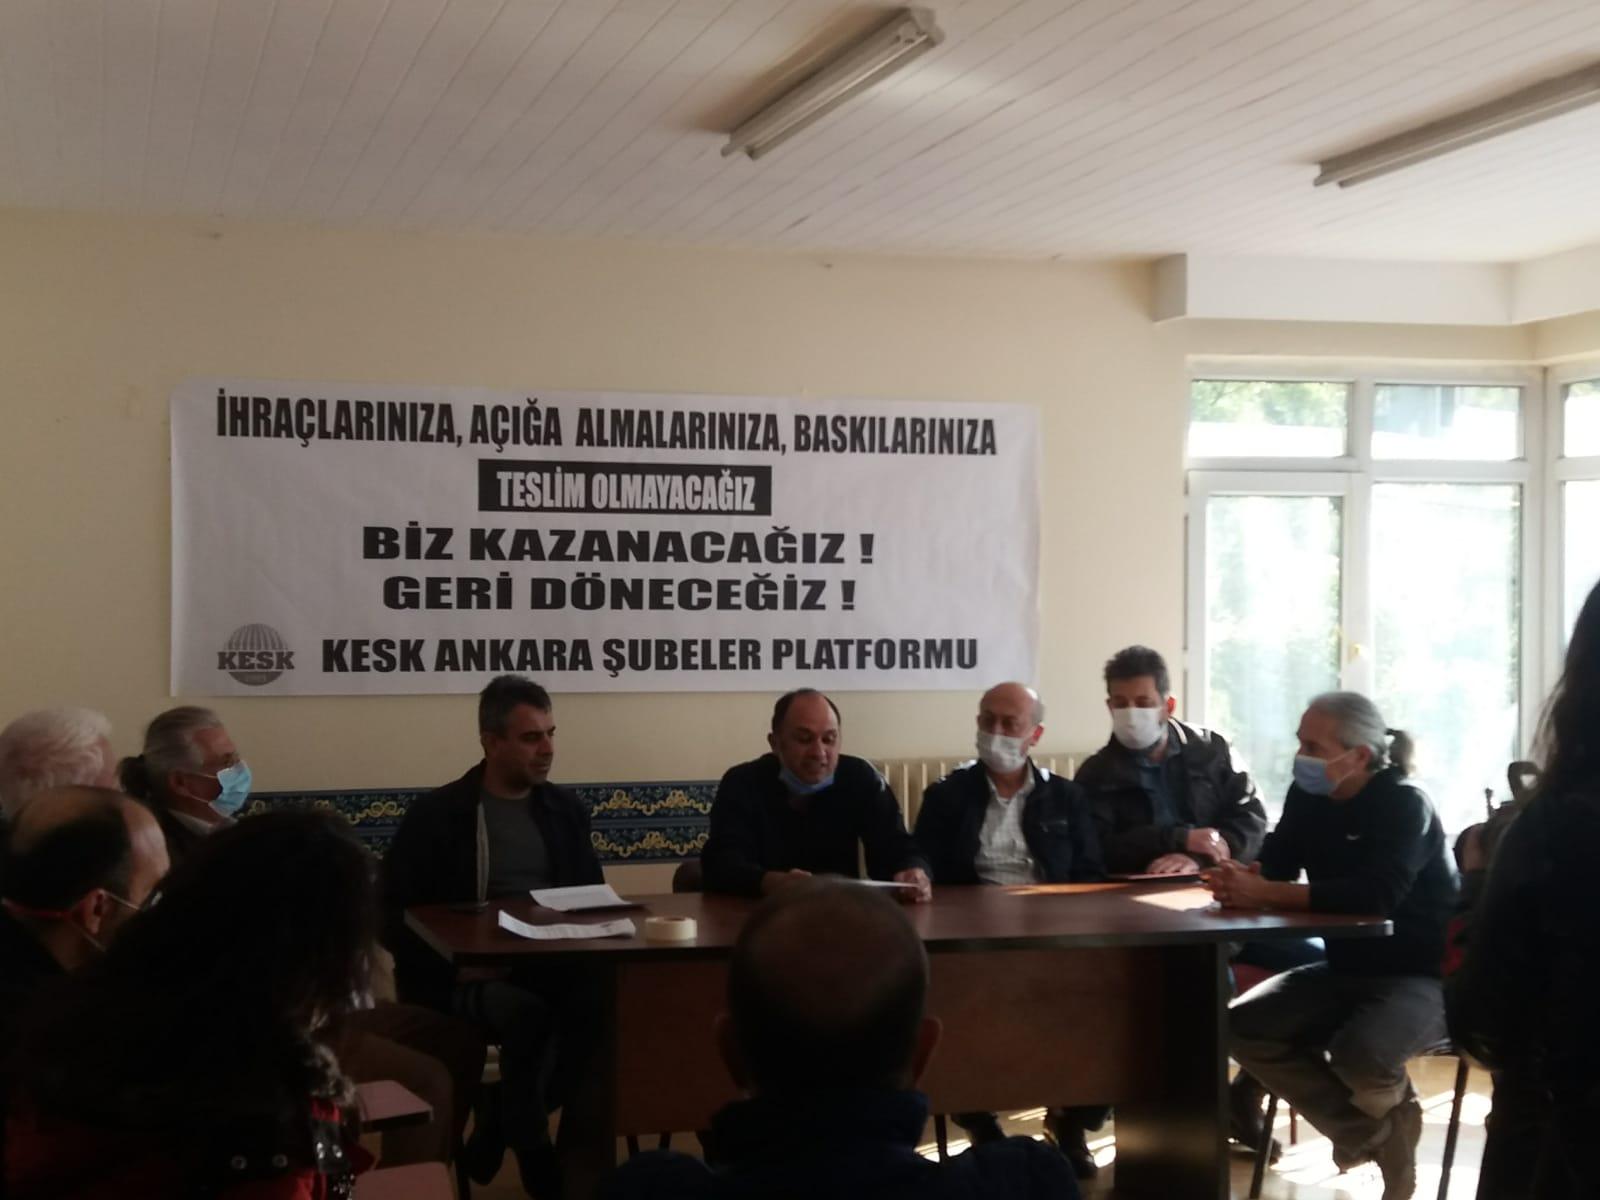 KESK Ankara Şubeler Platformu: İhraçlara, Açığa Almalara, Baskılara Teslim Olmayacağız! Biz Kazanacağız, Geri Döneceğiz